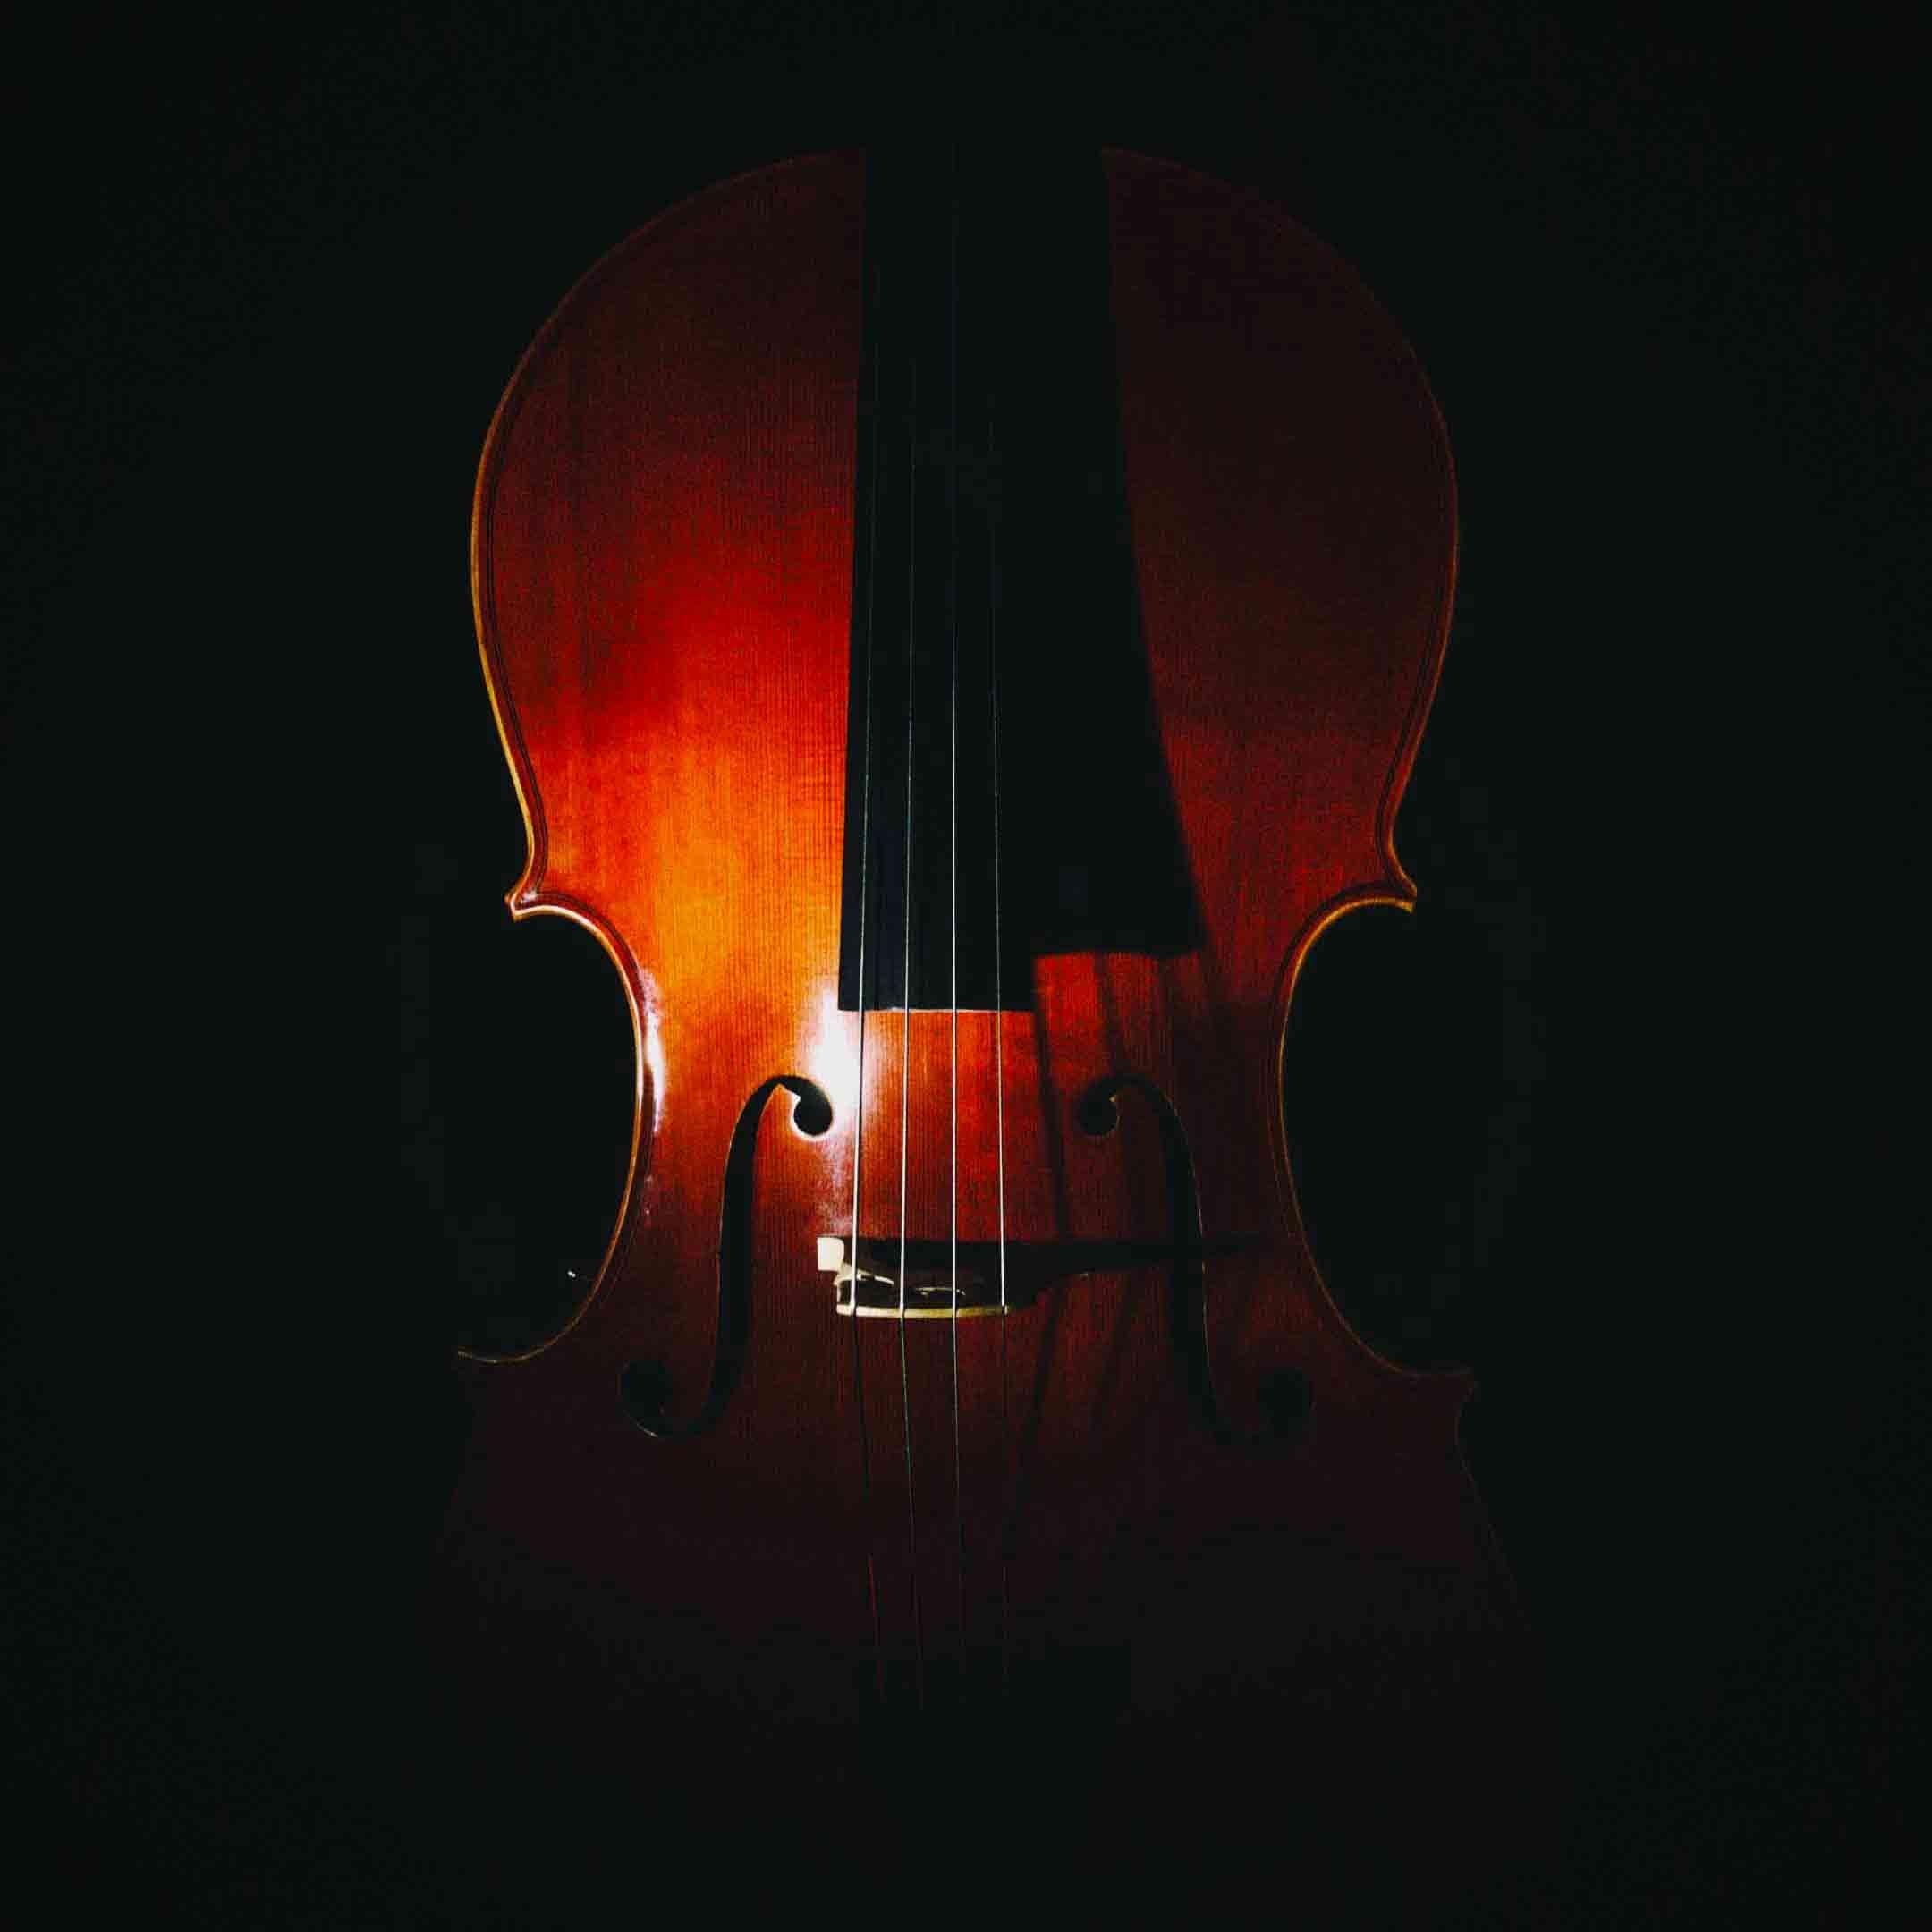 Découvrir la musique classique par une écoute avec un professionnel de la musique : ce que l'on appelle l'Escapade en Musique.